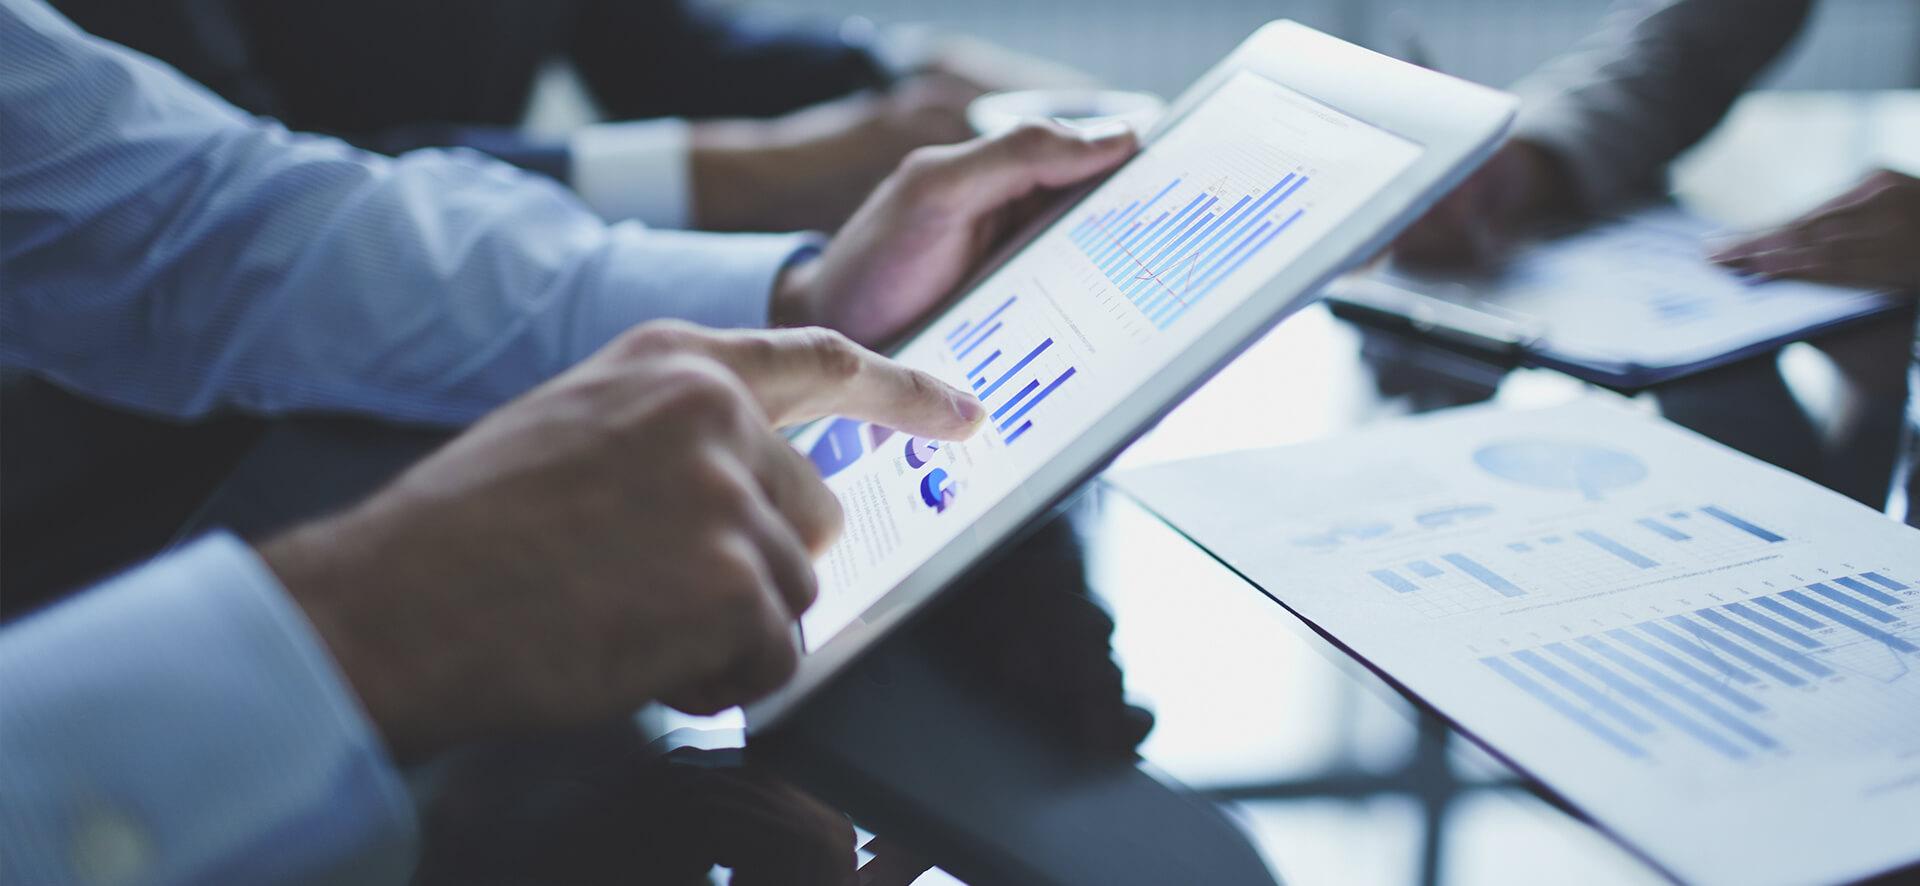 Consultoria-estratégica-digital